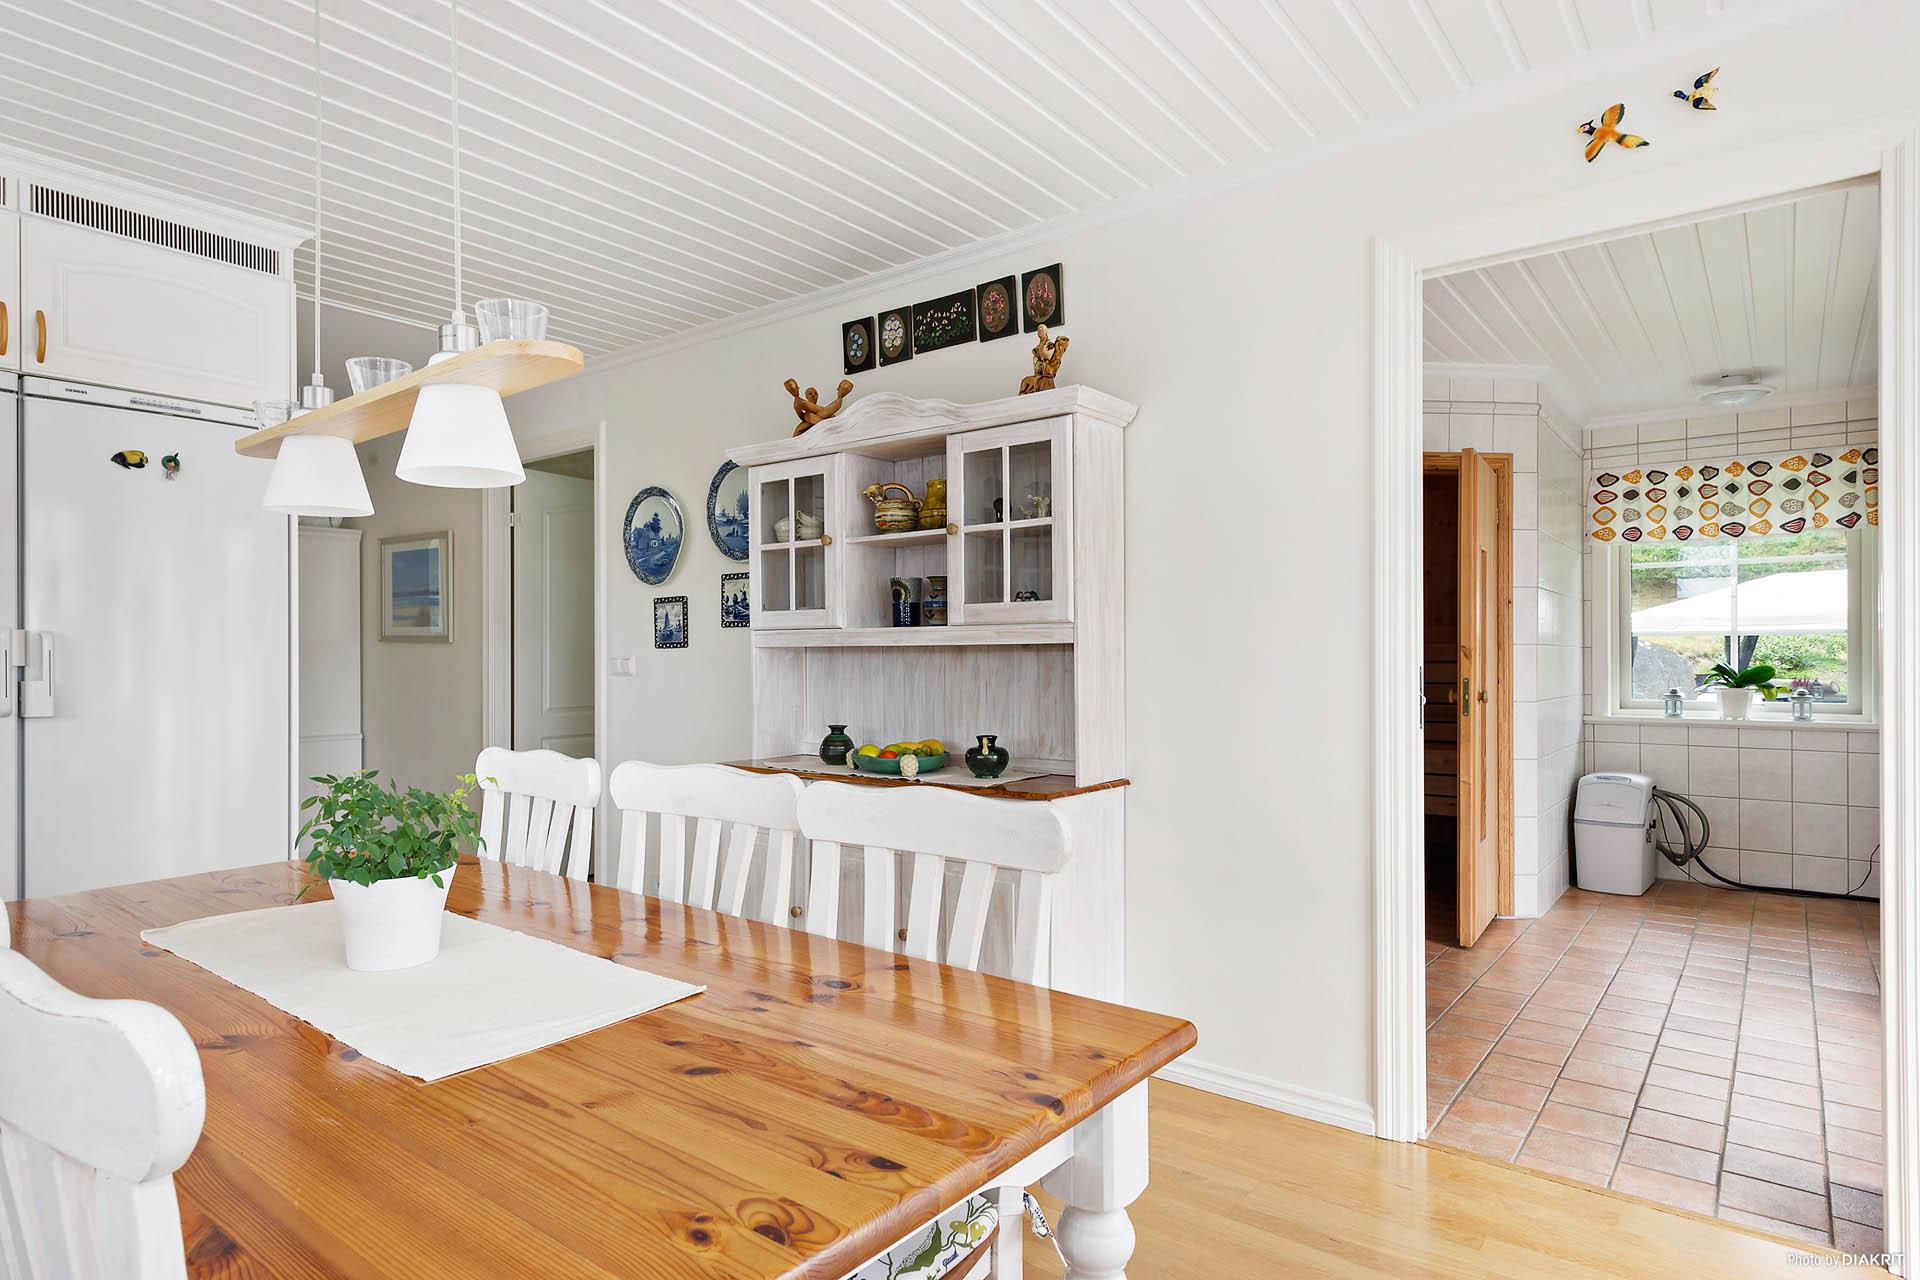 Badrum och tvättstuga med bastu nås från köket